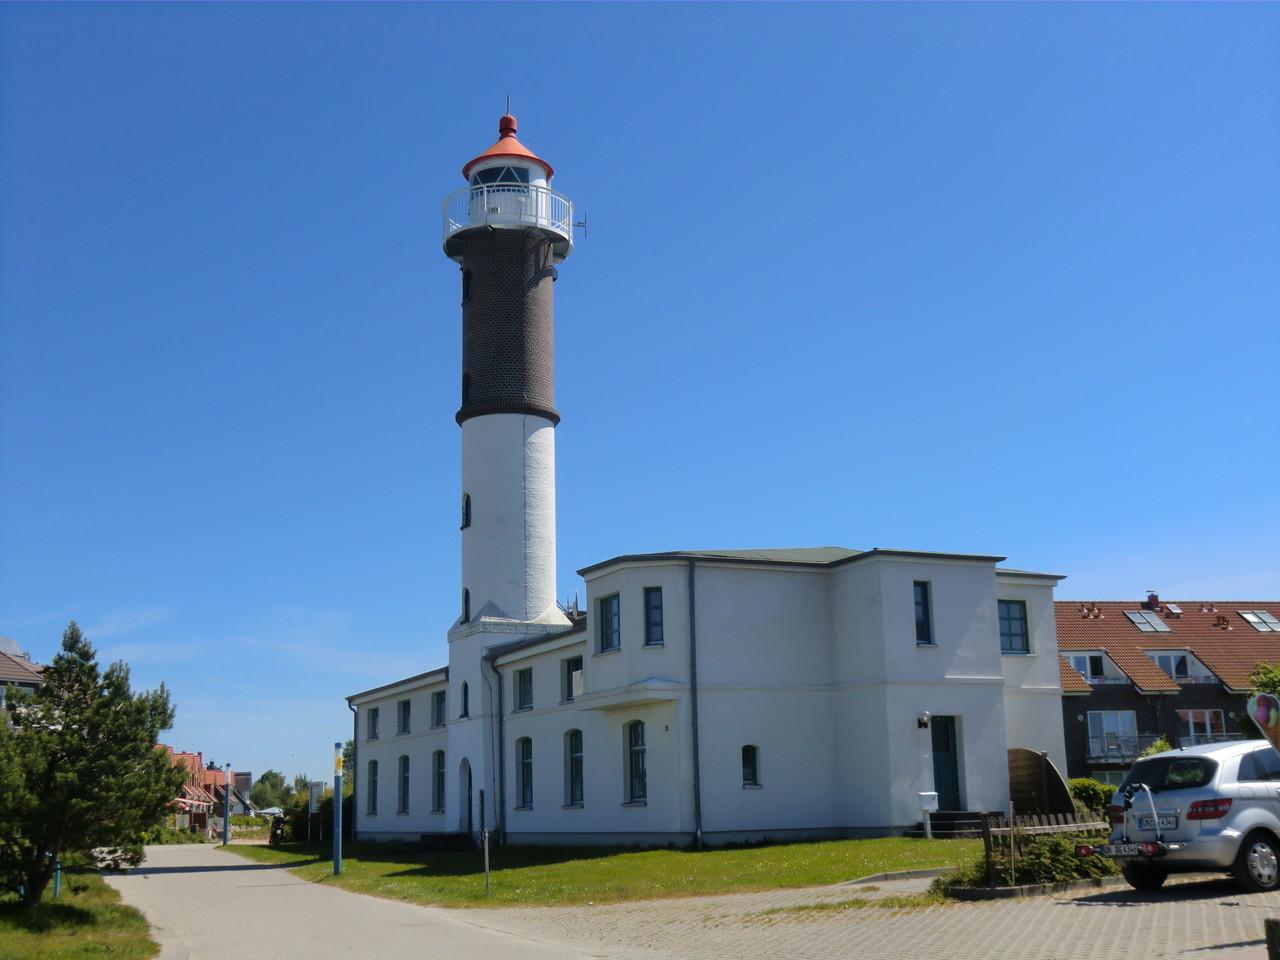 Leuchtturm von Timmendorf/Poel